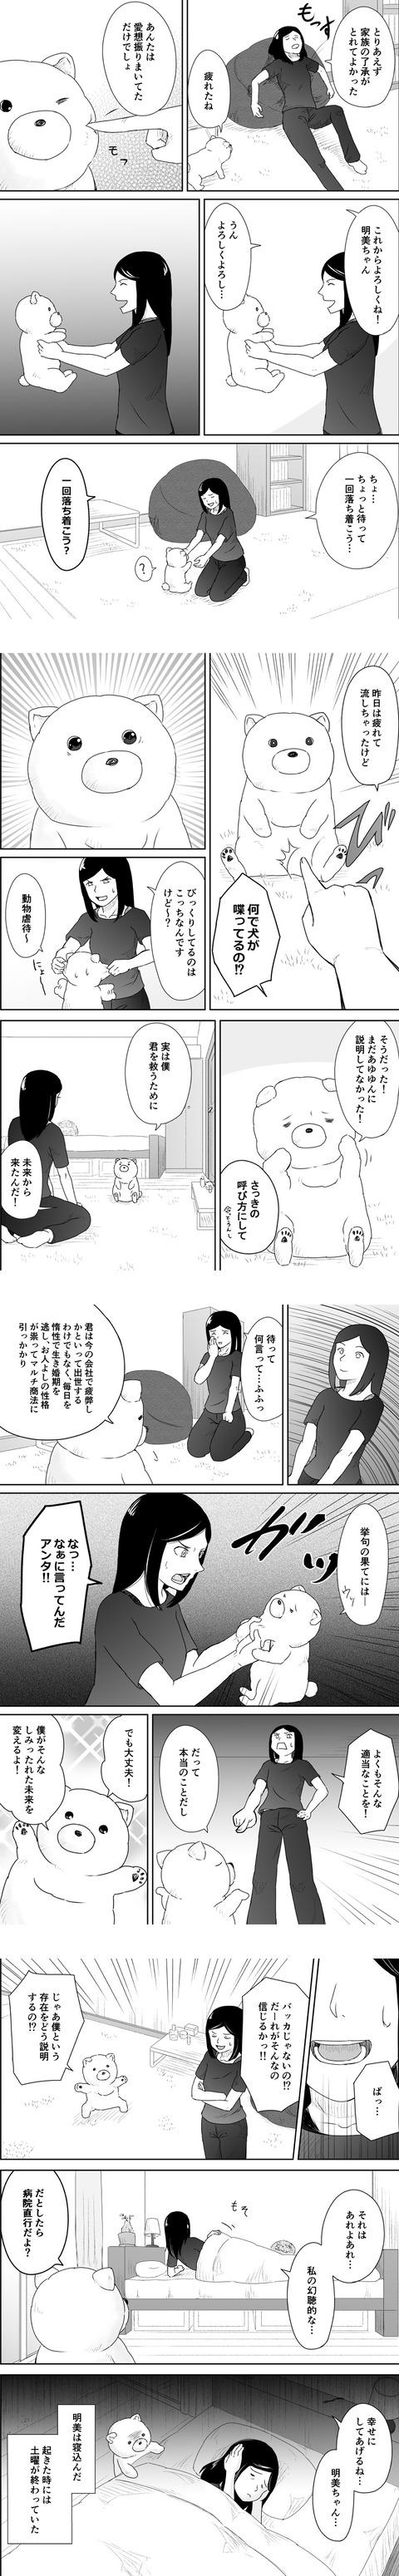 犬を拾う話_017-vert